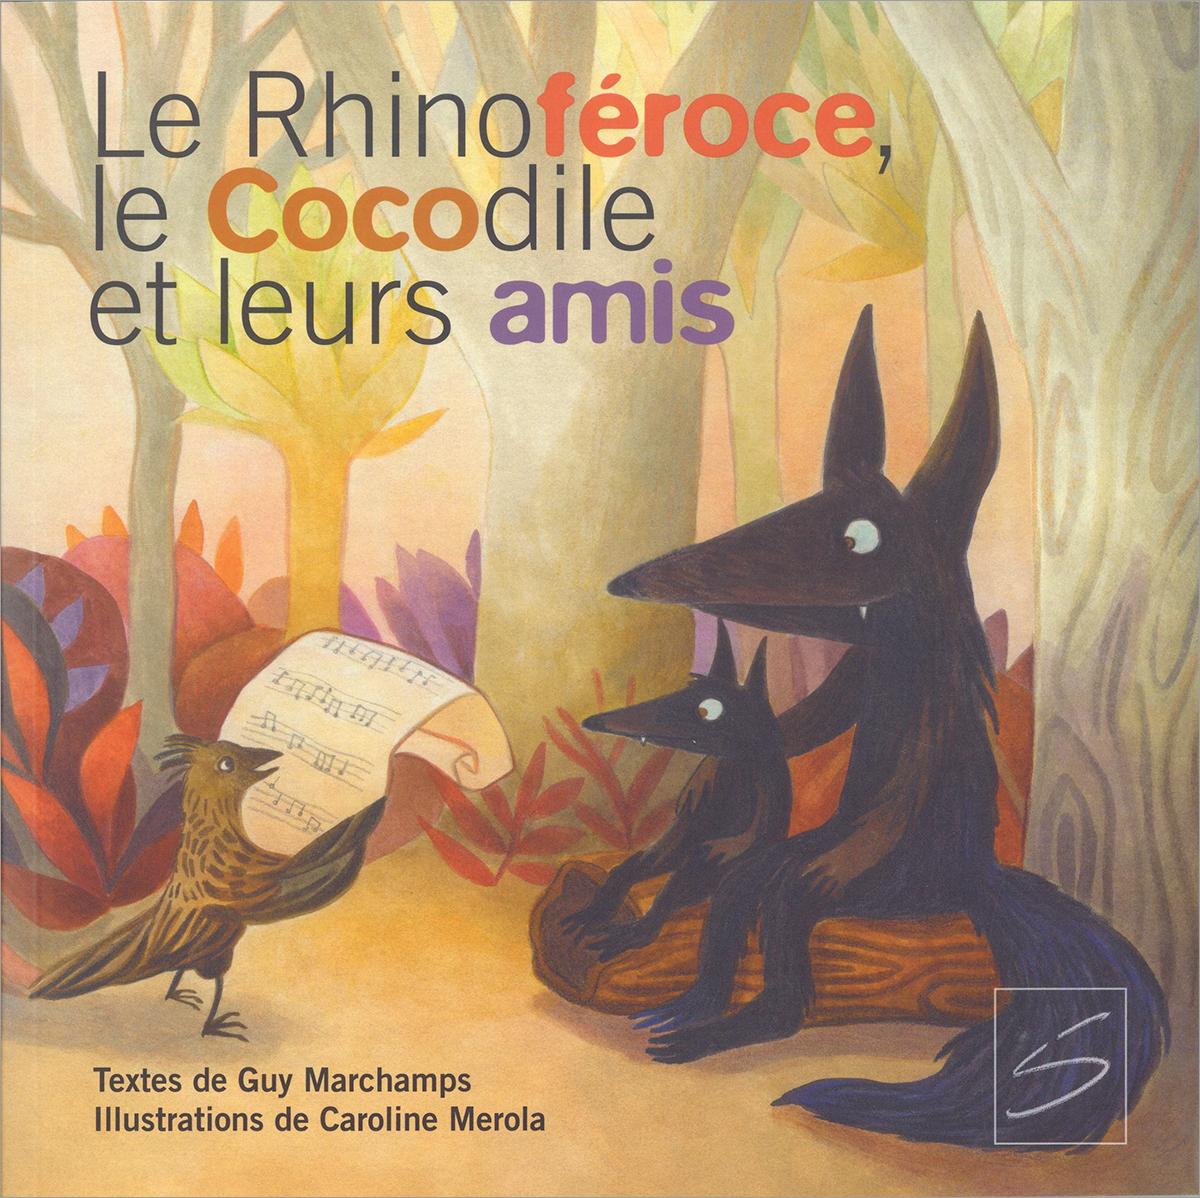 Le Rhinoféroce, le Cocodile et leurs amis